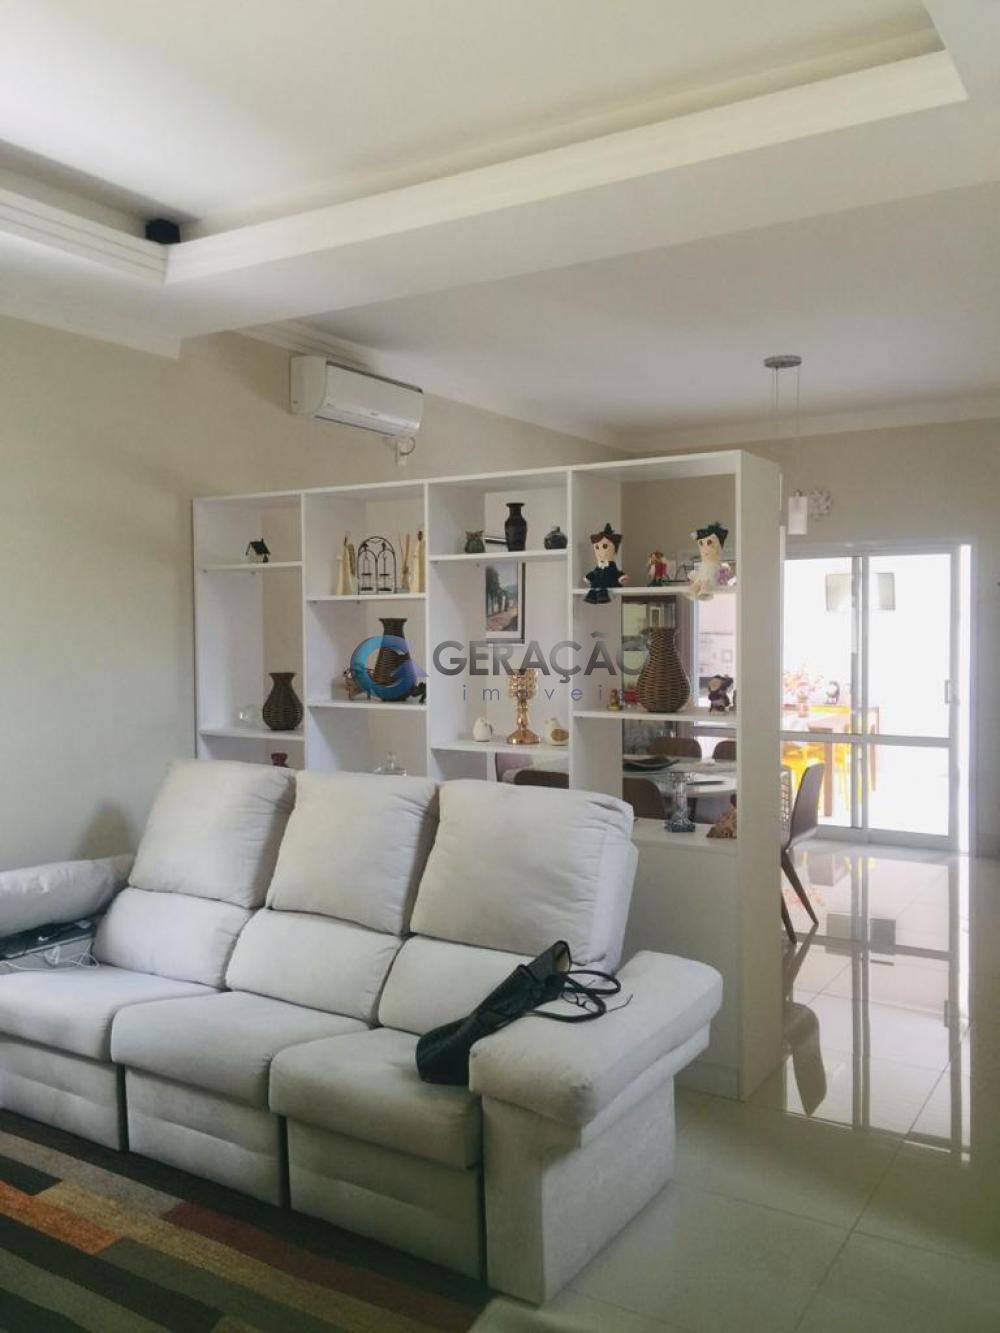 Comprar Casa / Condomínio em São José dos Campos apenas R$ 950.000,00 - Foto 2